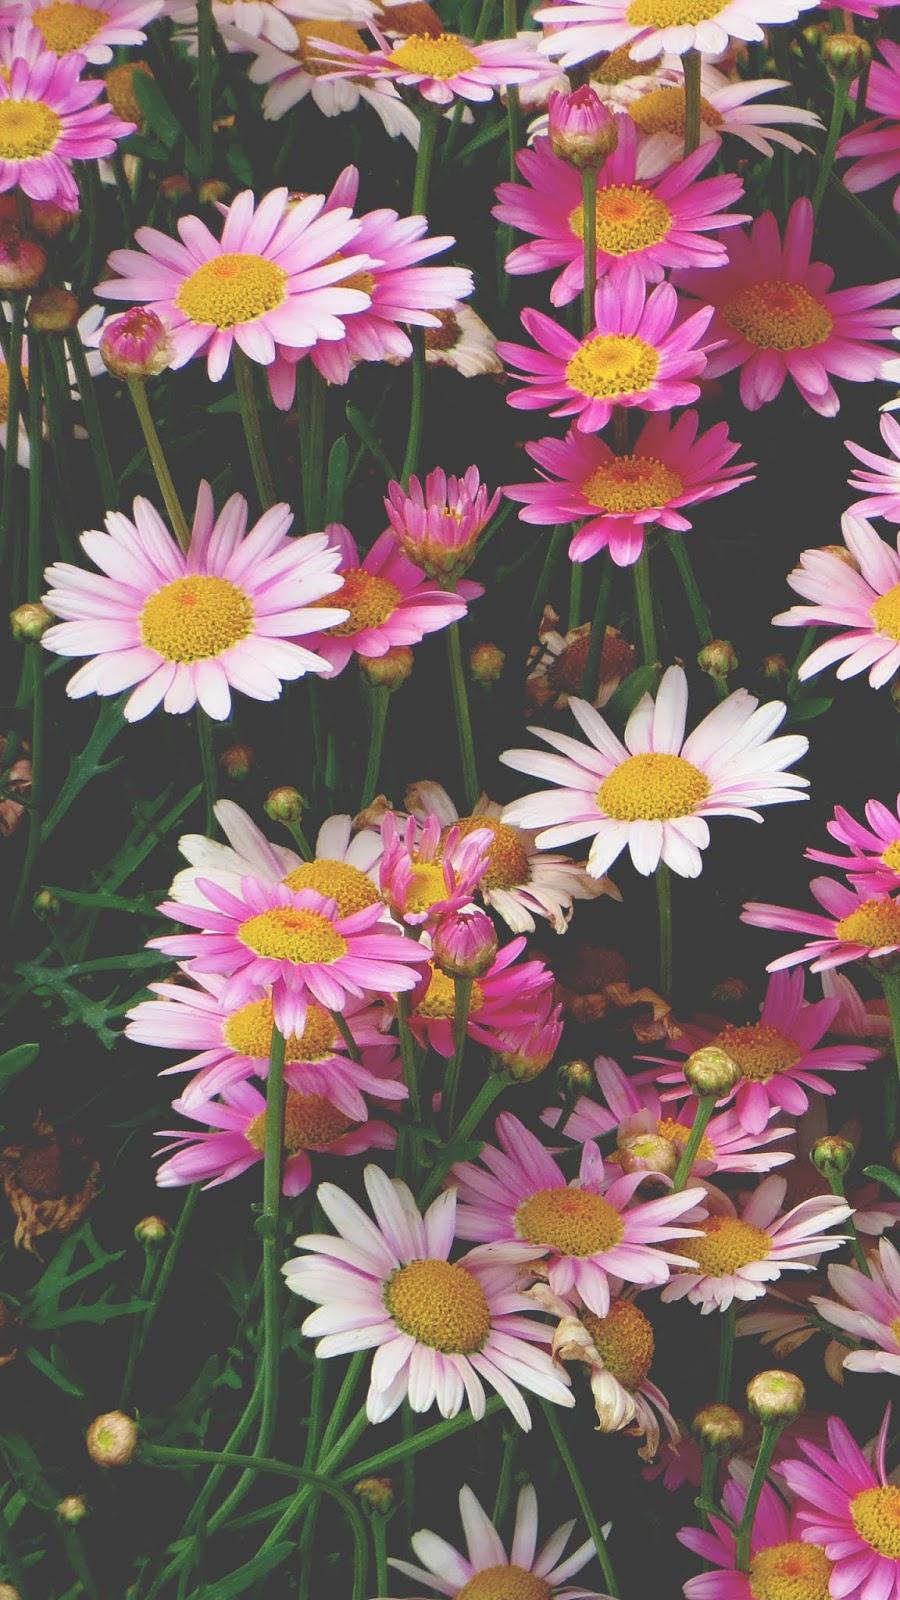 Hoa đầy sắc màu